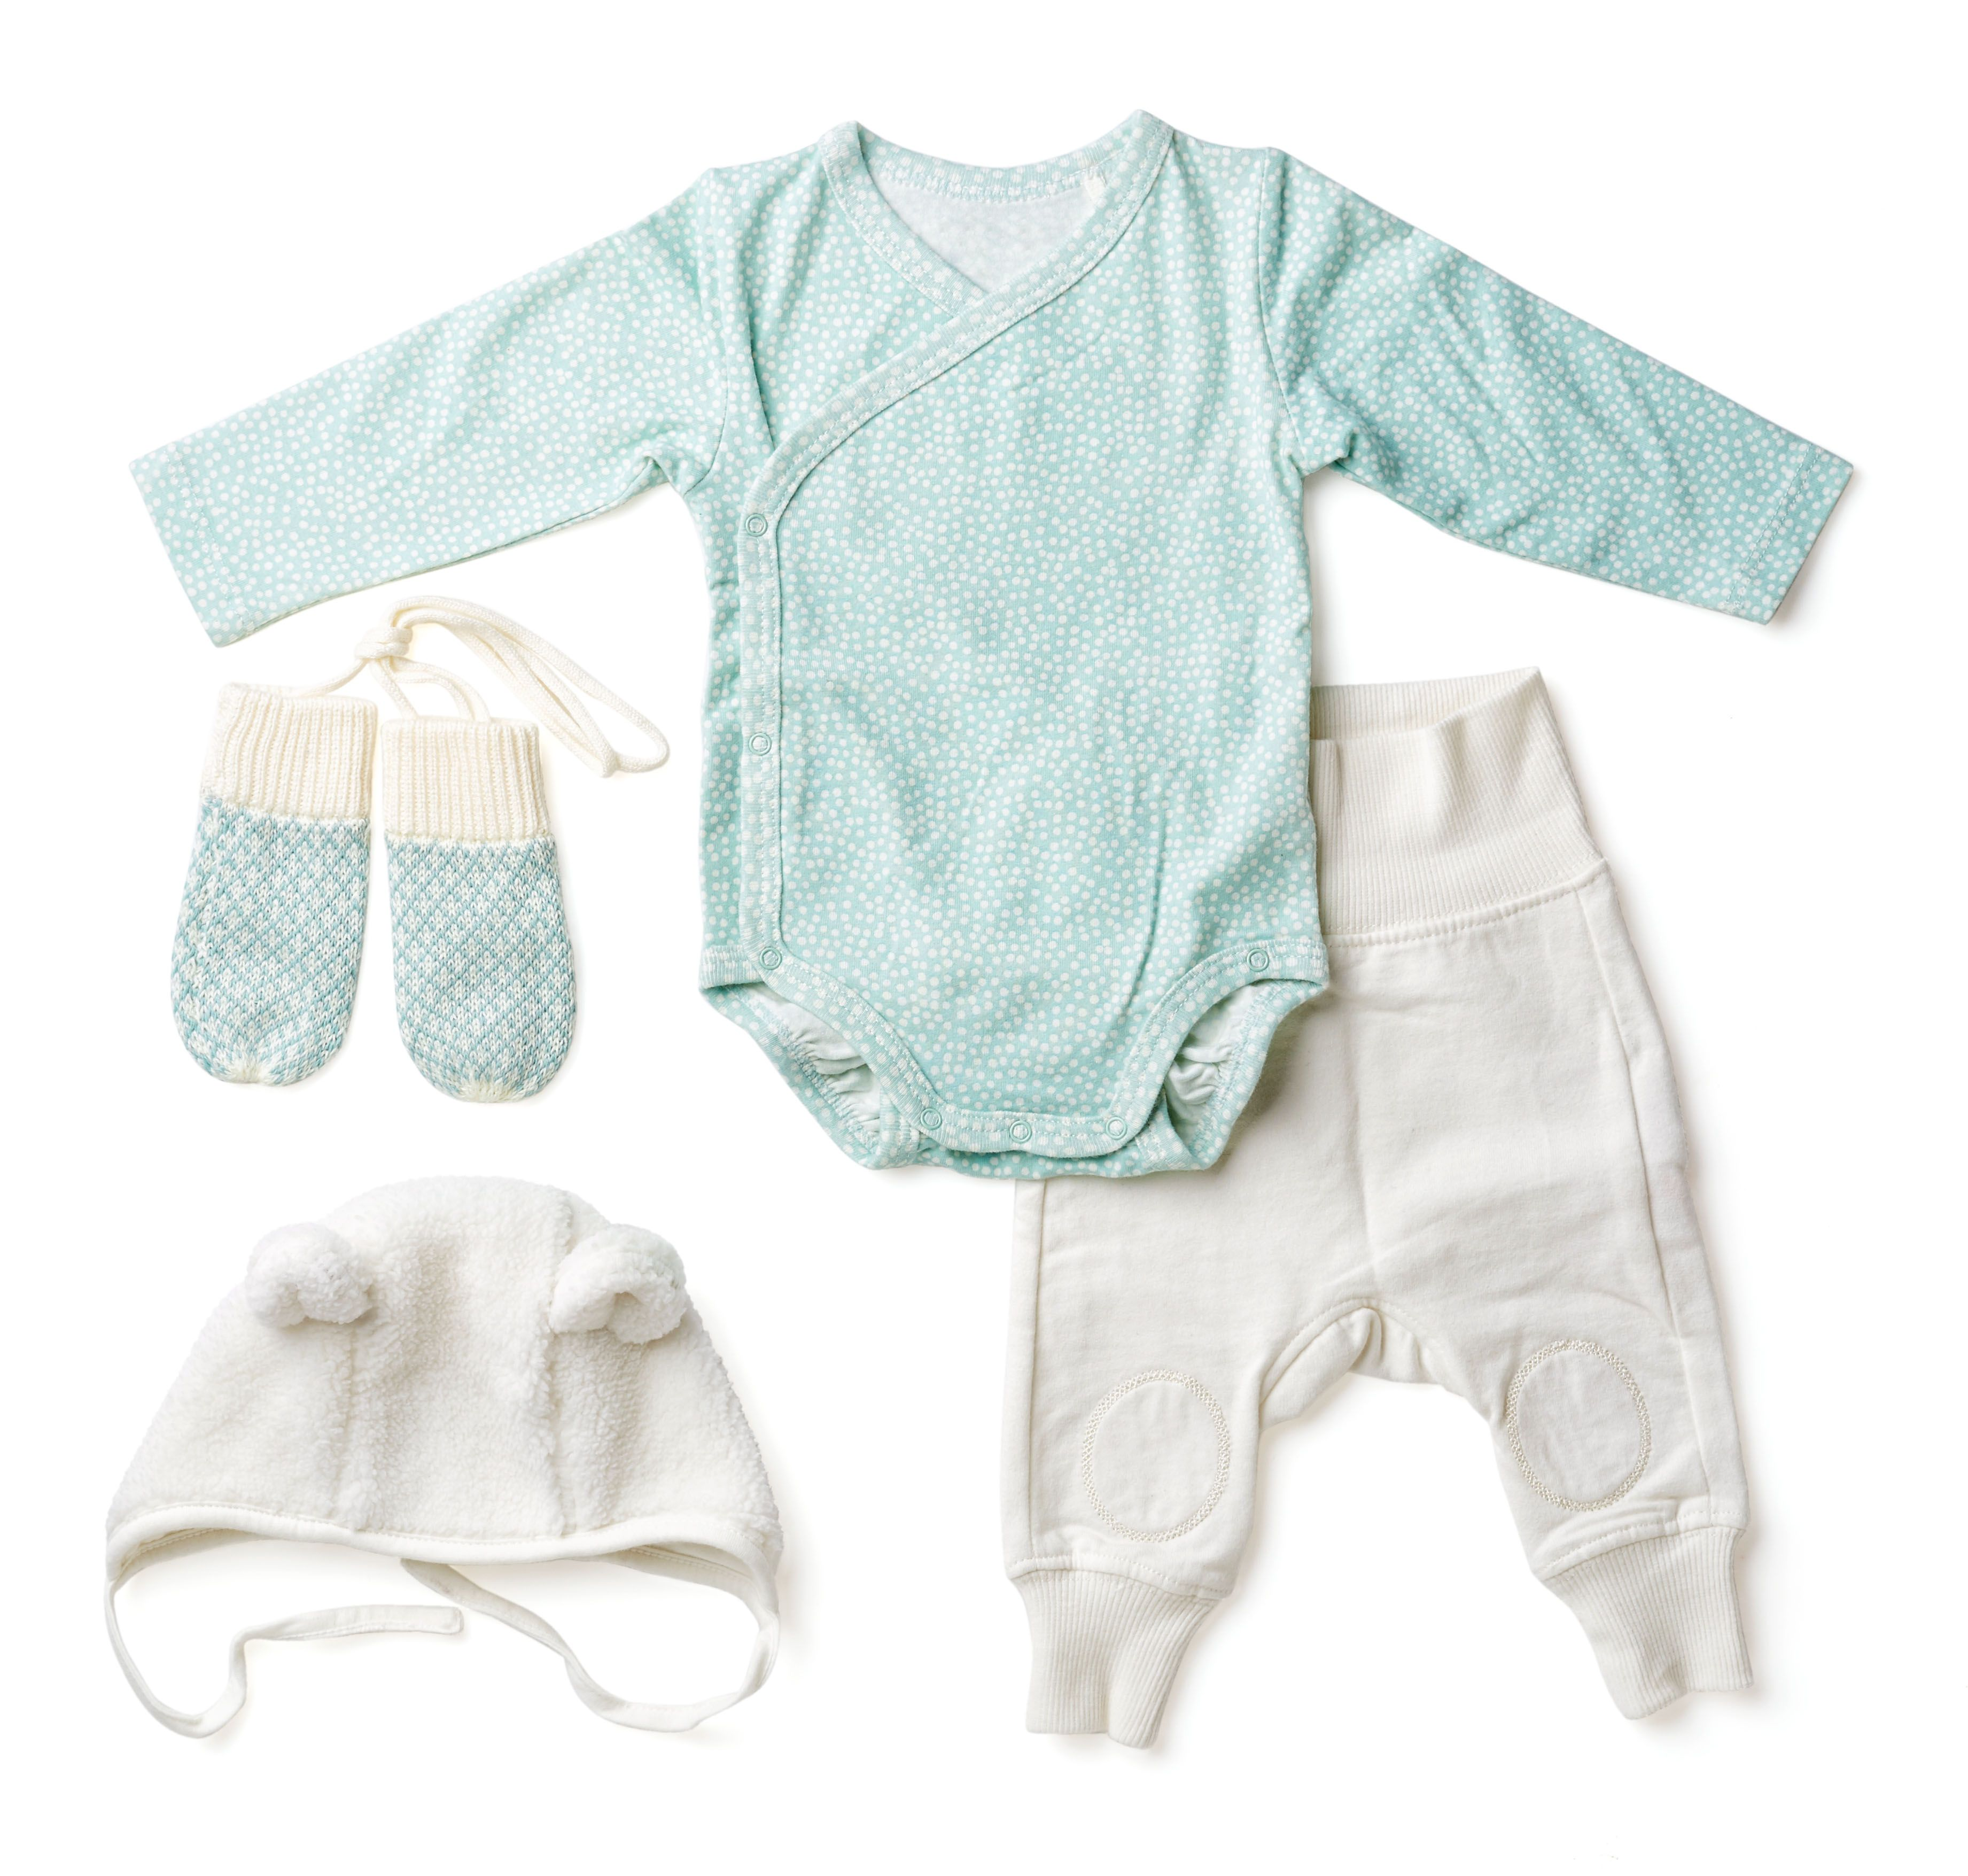 Prendas de algodón orgánico: Ropa infantil y complementos de EXIT